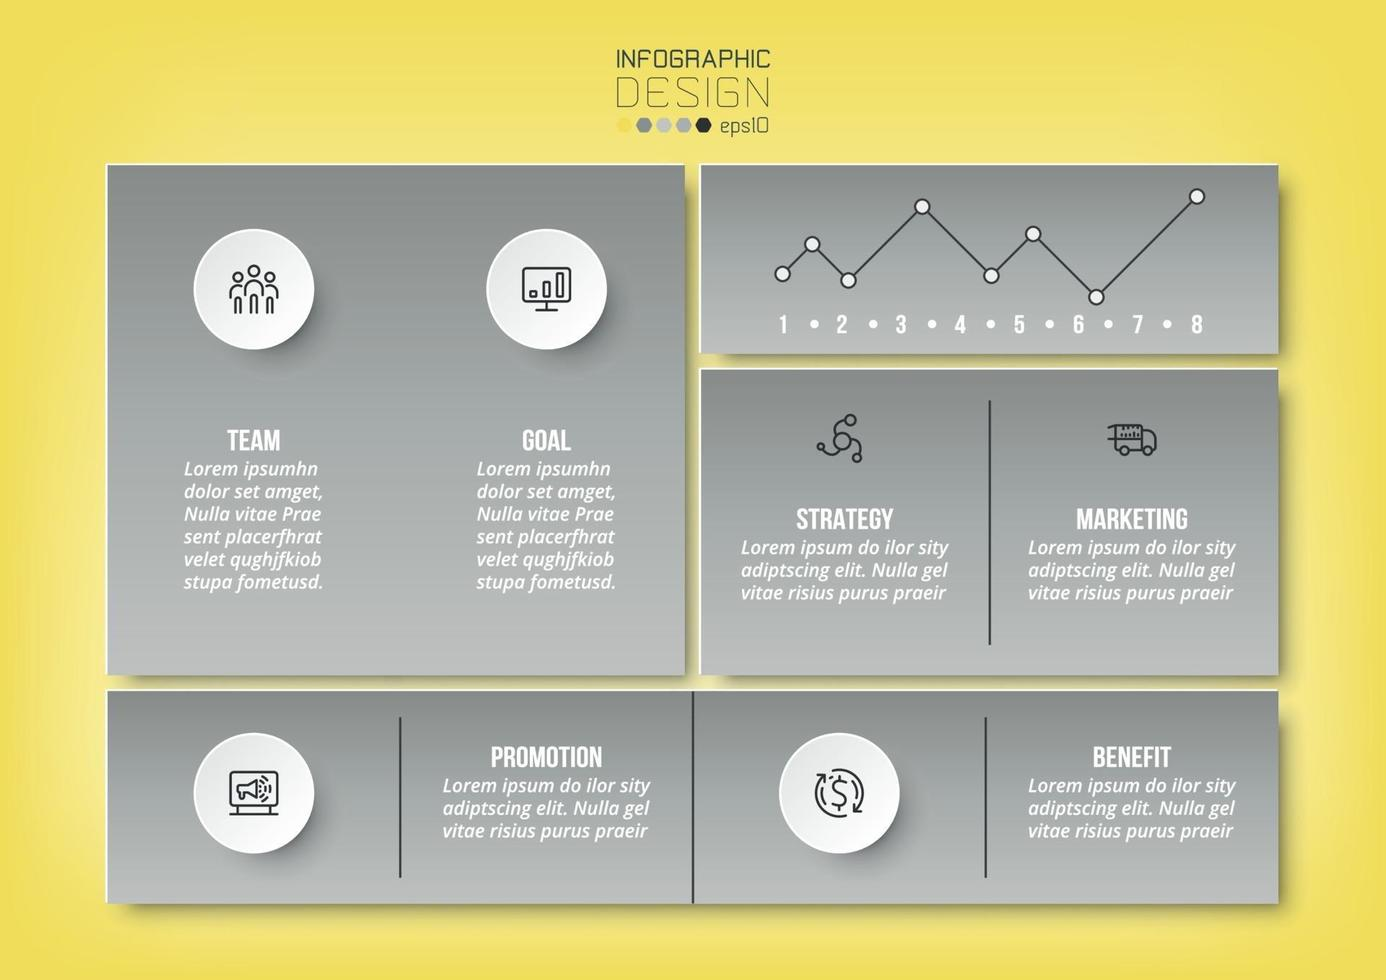 modelo de infográfico de conceito de negócio ou marketing. vetor